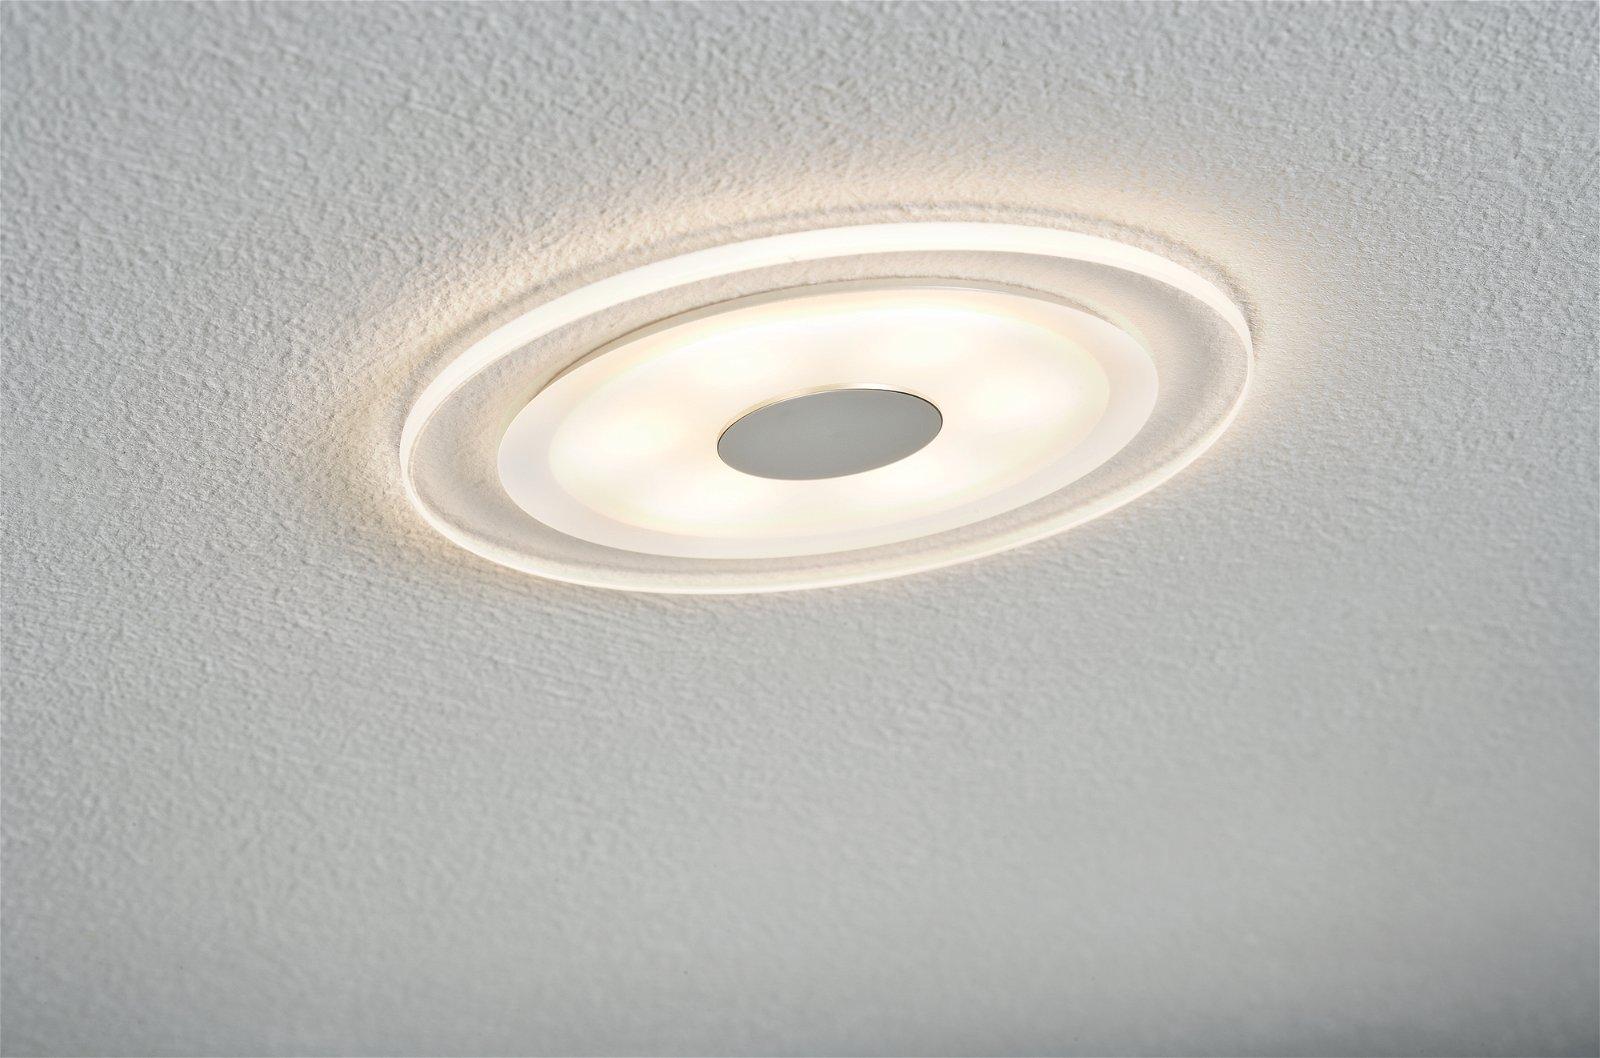 Premium Spot encastré LED Whirl Kit de base rond 150mm 3x6W 3x450lm 230V 3000K Alu tourné/Satiné